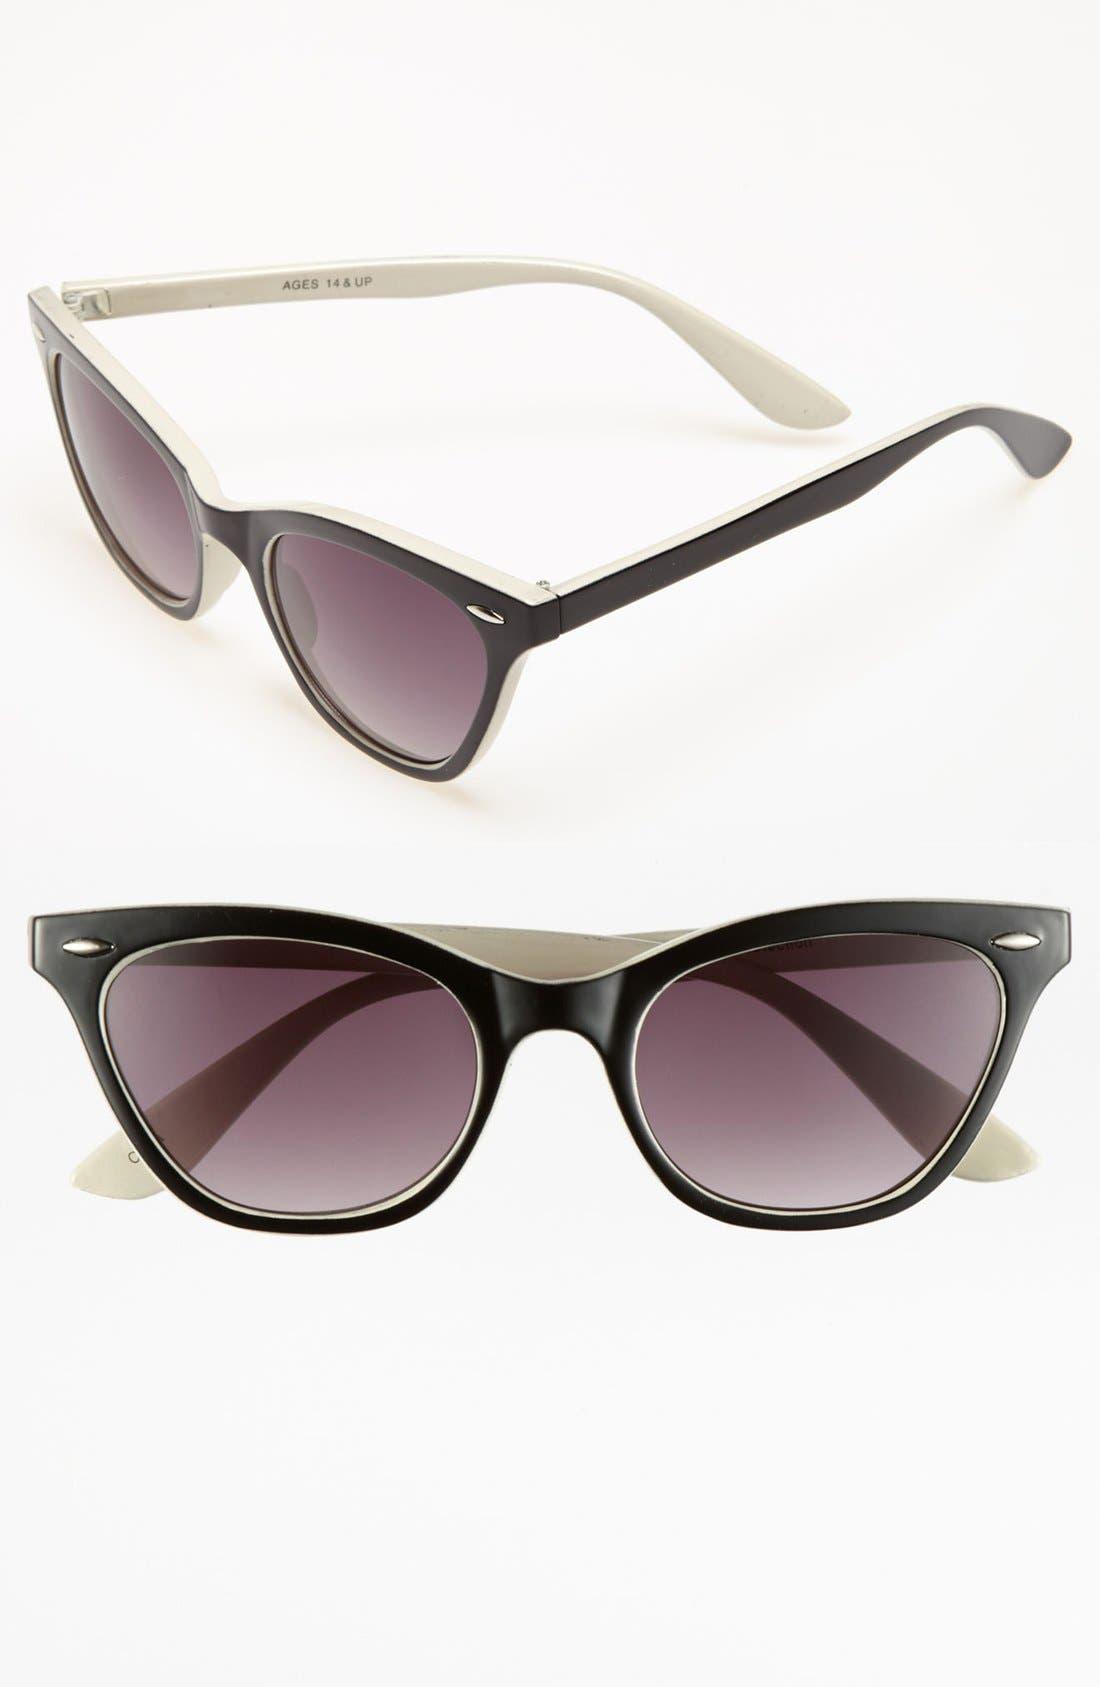 Main Image - FE NY 'Wink' Sunglasses